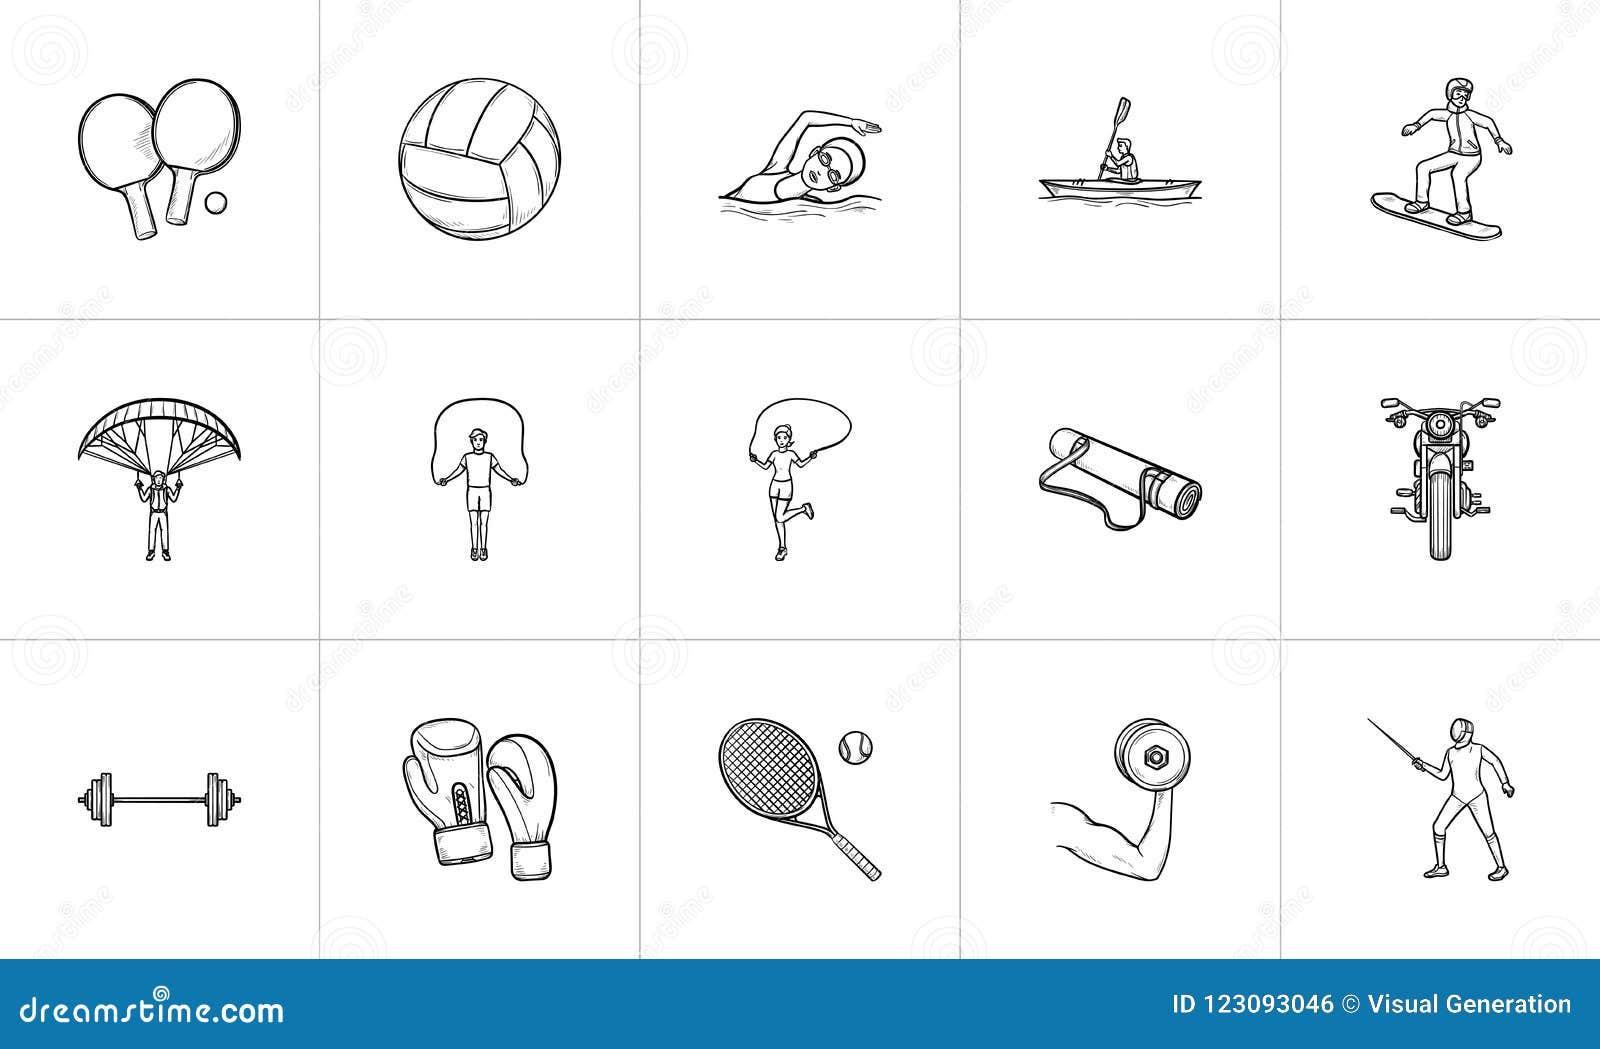 6f765e5a0 Esporte e grupo tirado mão do ícone da garatuja do esboço do equipamento  Grupo do ícone da garatuja do esboço para a cópia